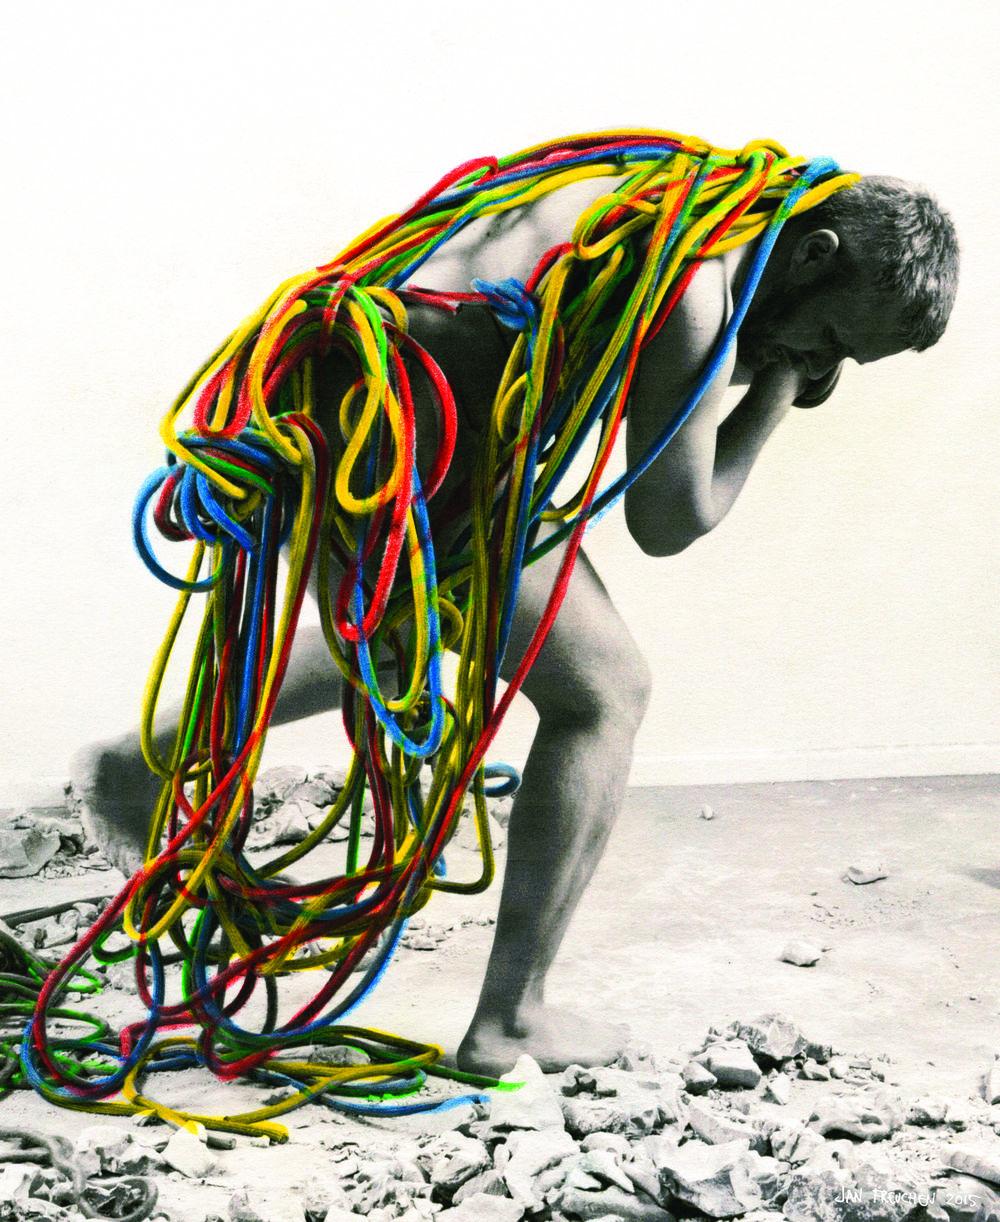 Olympia av Jan Freuchen. Kunstnerens bidrag til kampanjen #utstillingsavtalen.